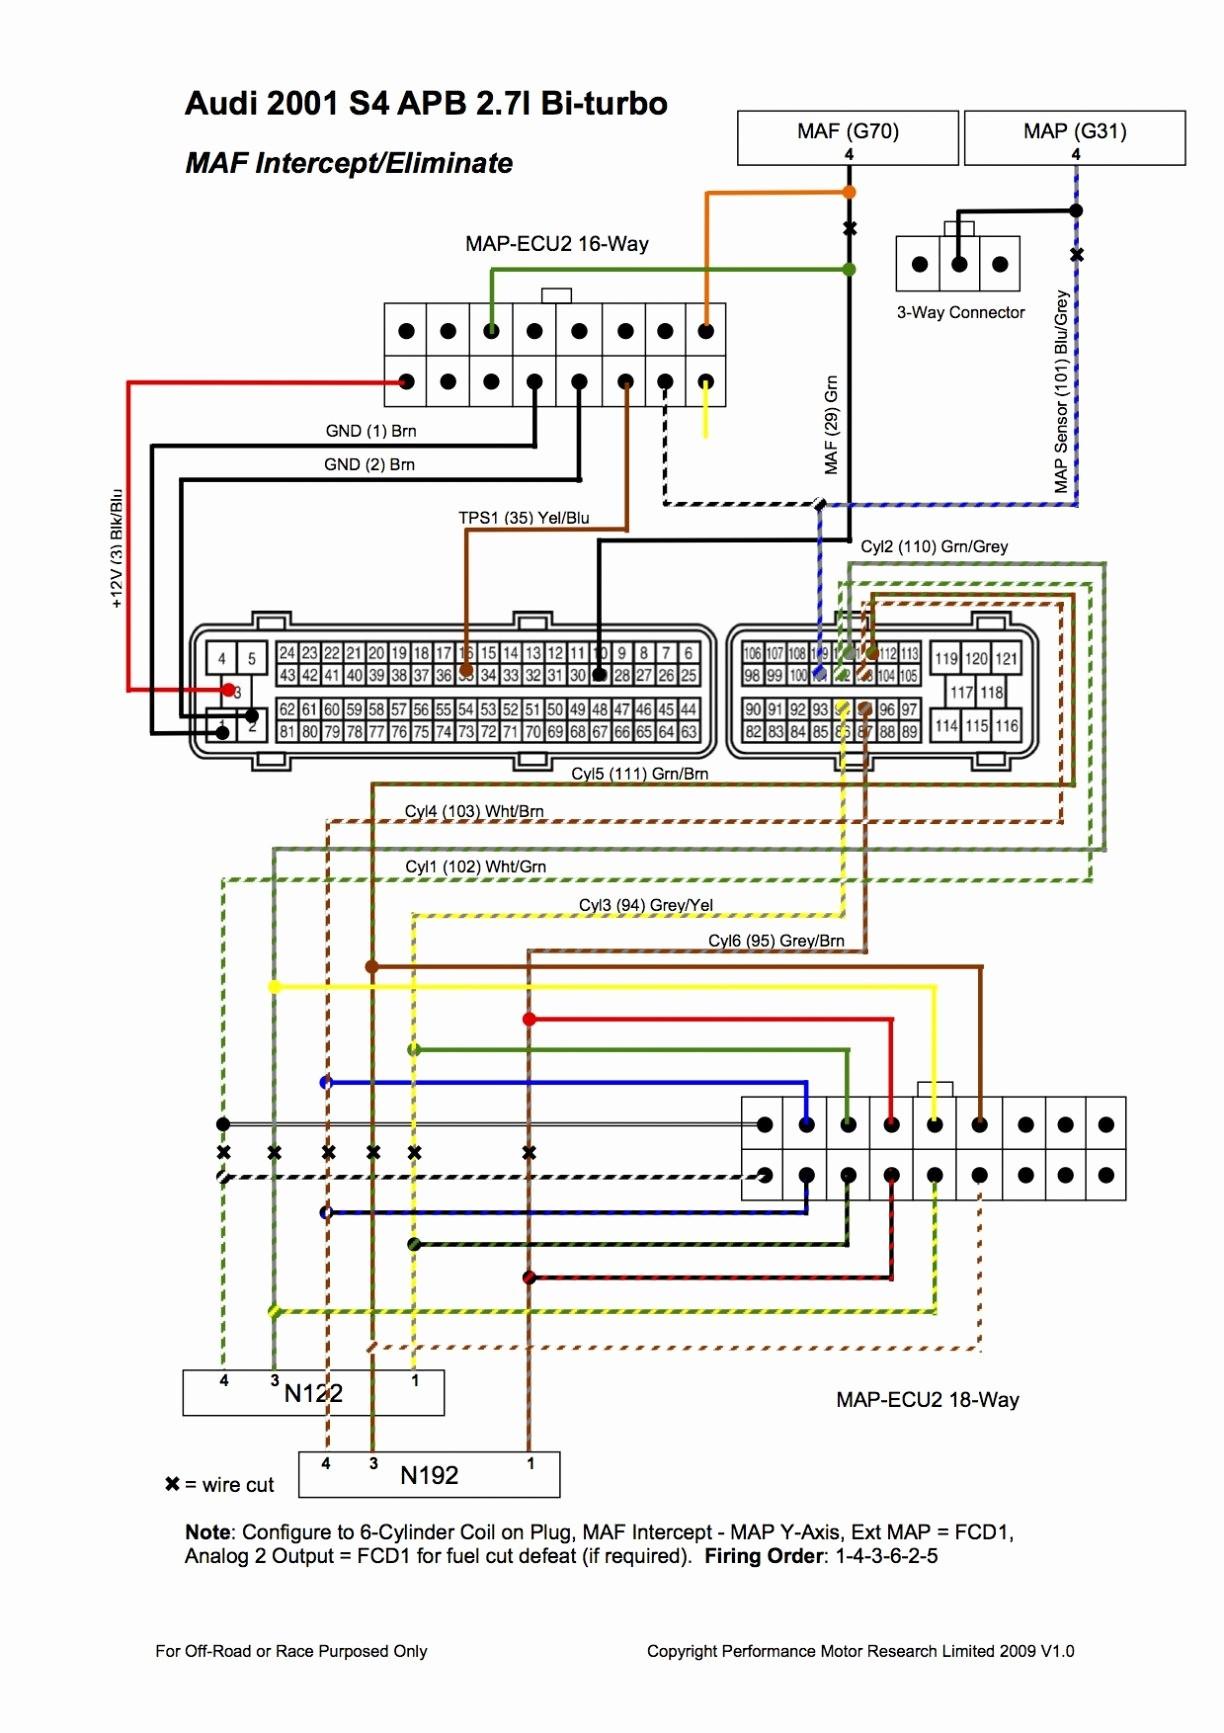 2003 ford Ranger 2 3 Engine Diagram 2002 ford Ranger Stereo Wiring Diagram Book 2000 ford Ranger Of 2003 ford Ranger 2 3 Engine Diagram